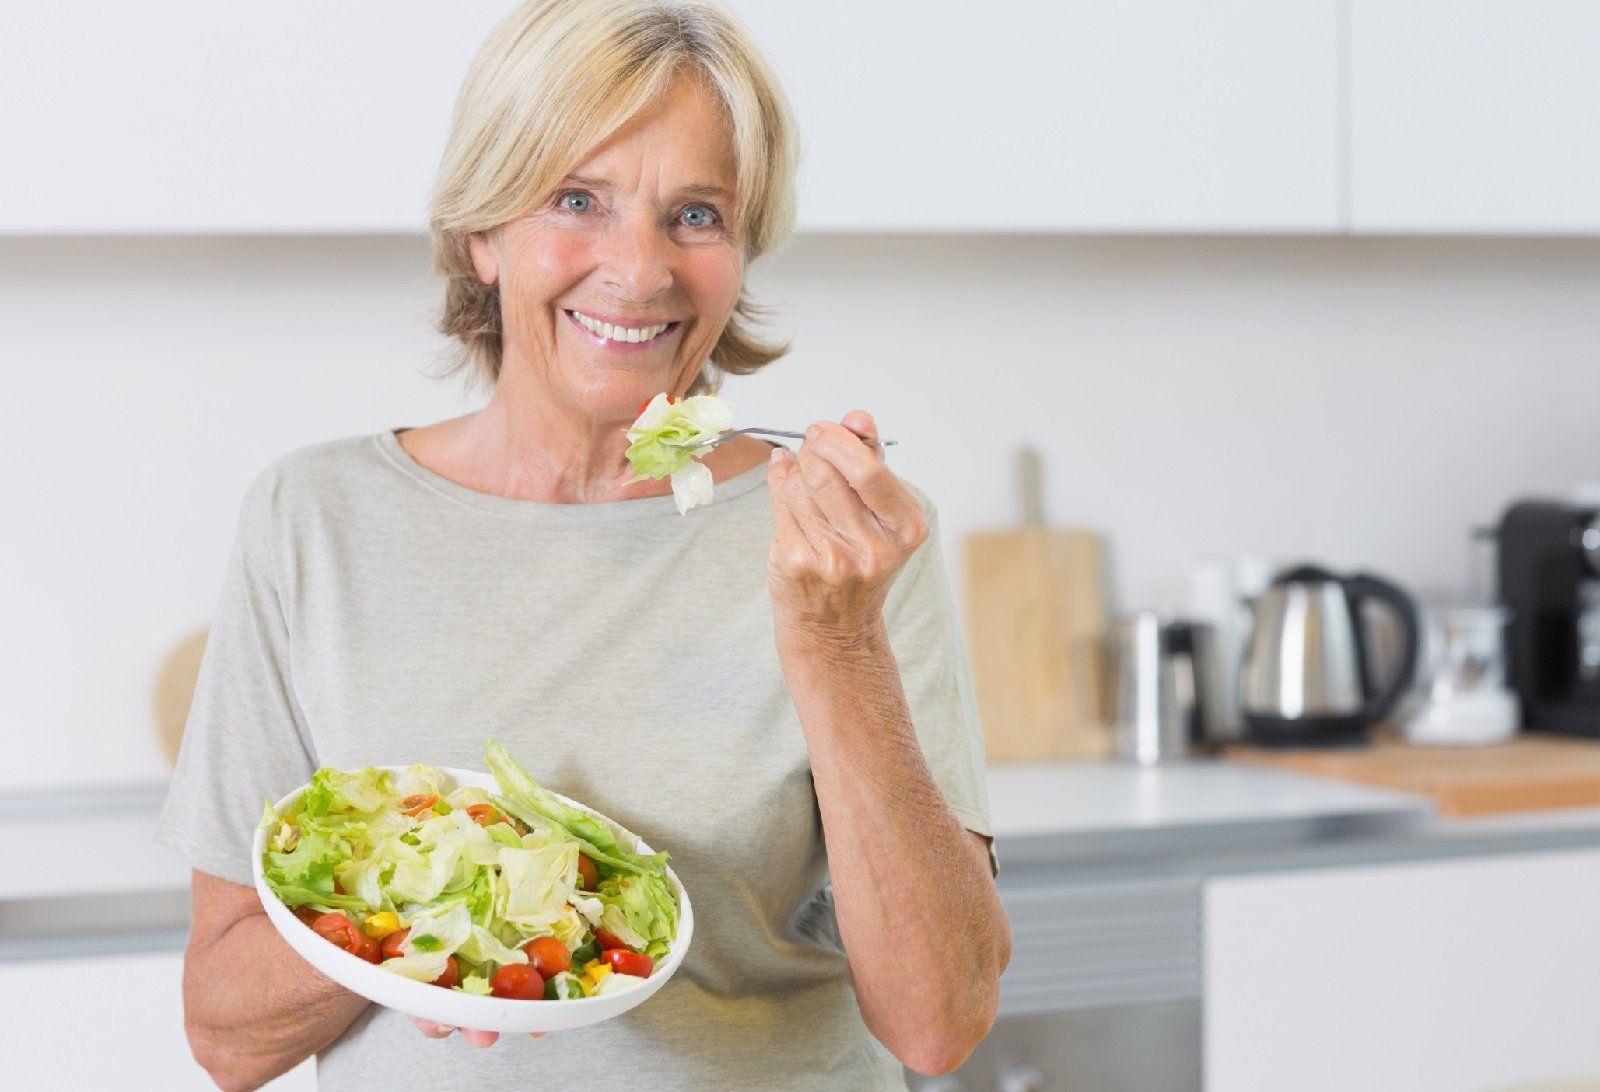 Похудела Во Время Климакса. Как избавиться от лишнего веса при климаксе — препараты и народные средства